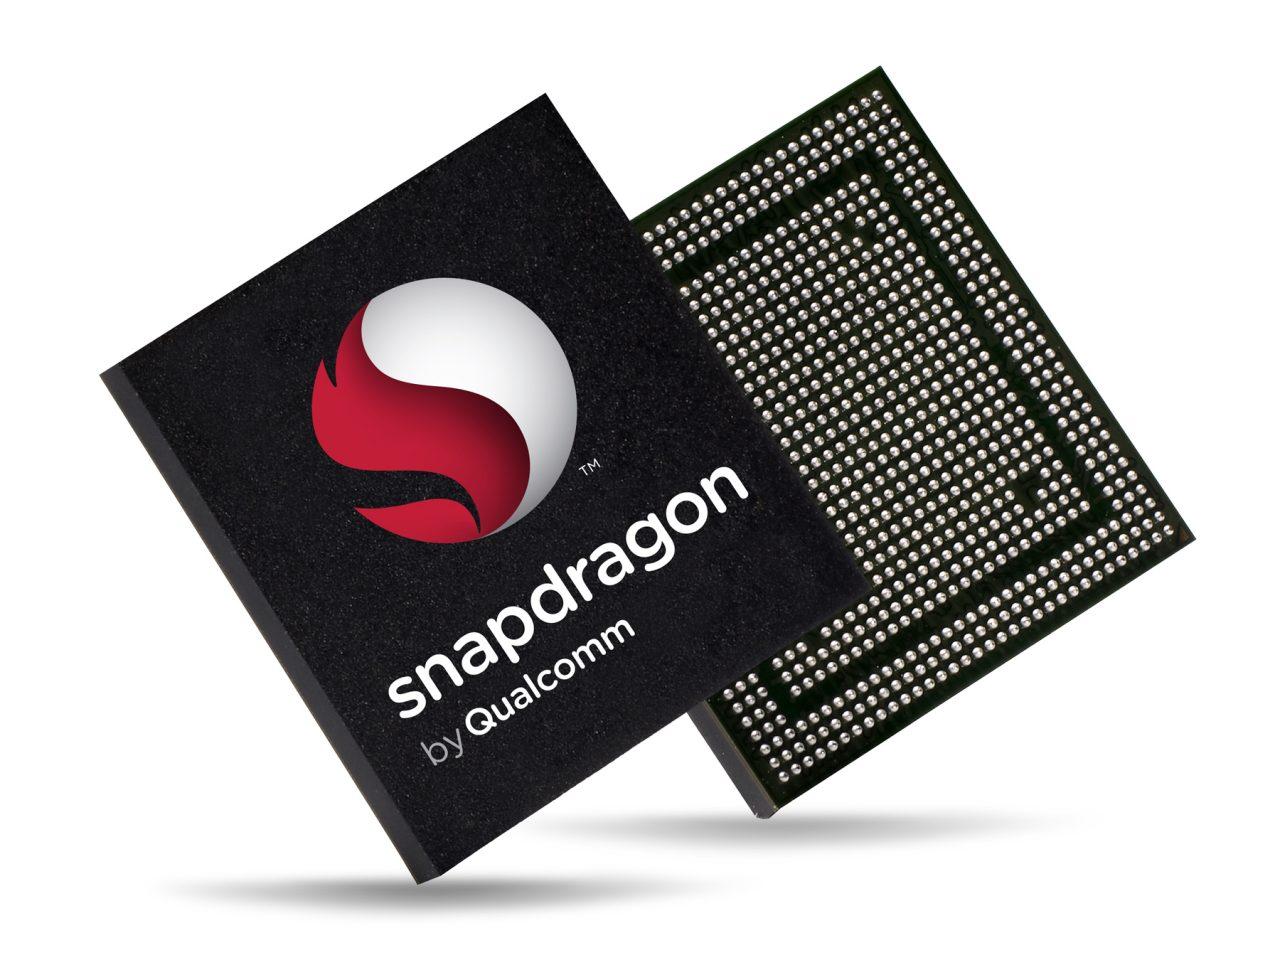 Snapdragon 8150 (ex-855) batte tutti su AnTuTu e si posiziona in vetta alla classifica dei dispositivi Android (foto)